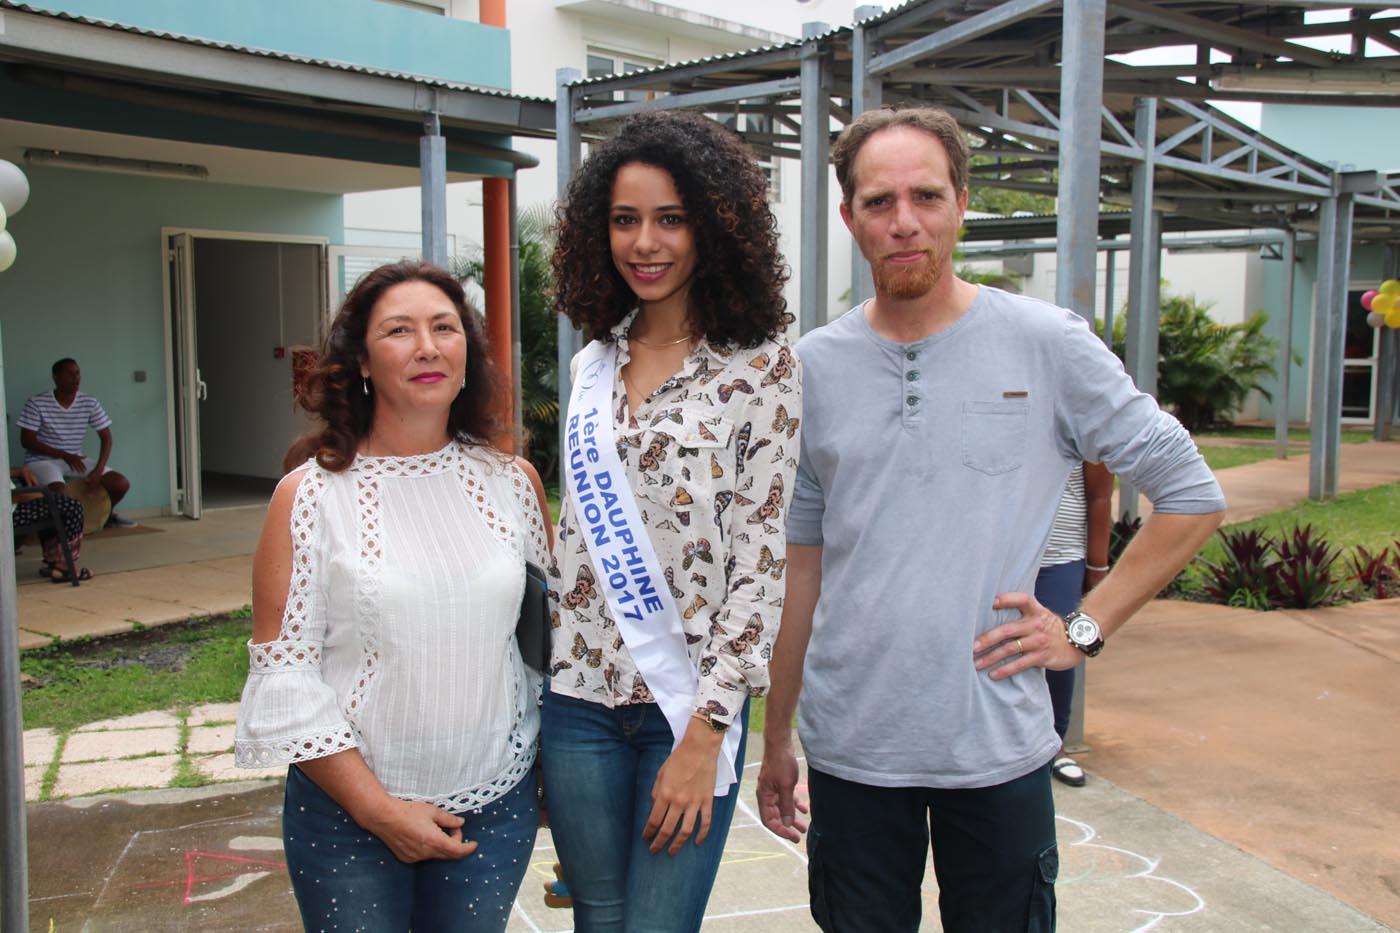 Lyna entourée de Marie-Claude et Sébastien, cadres de l'établissement